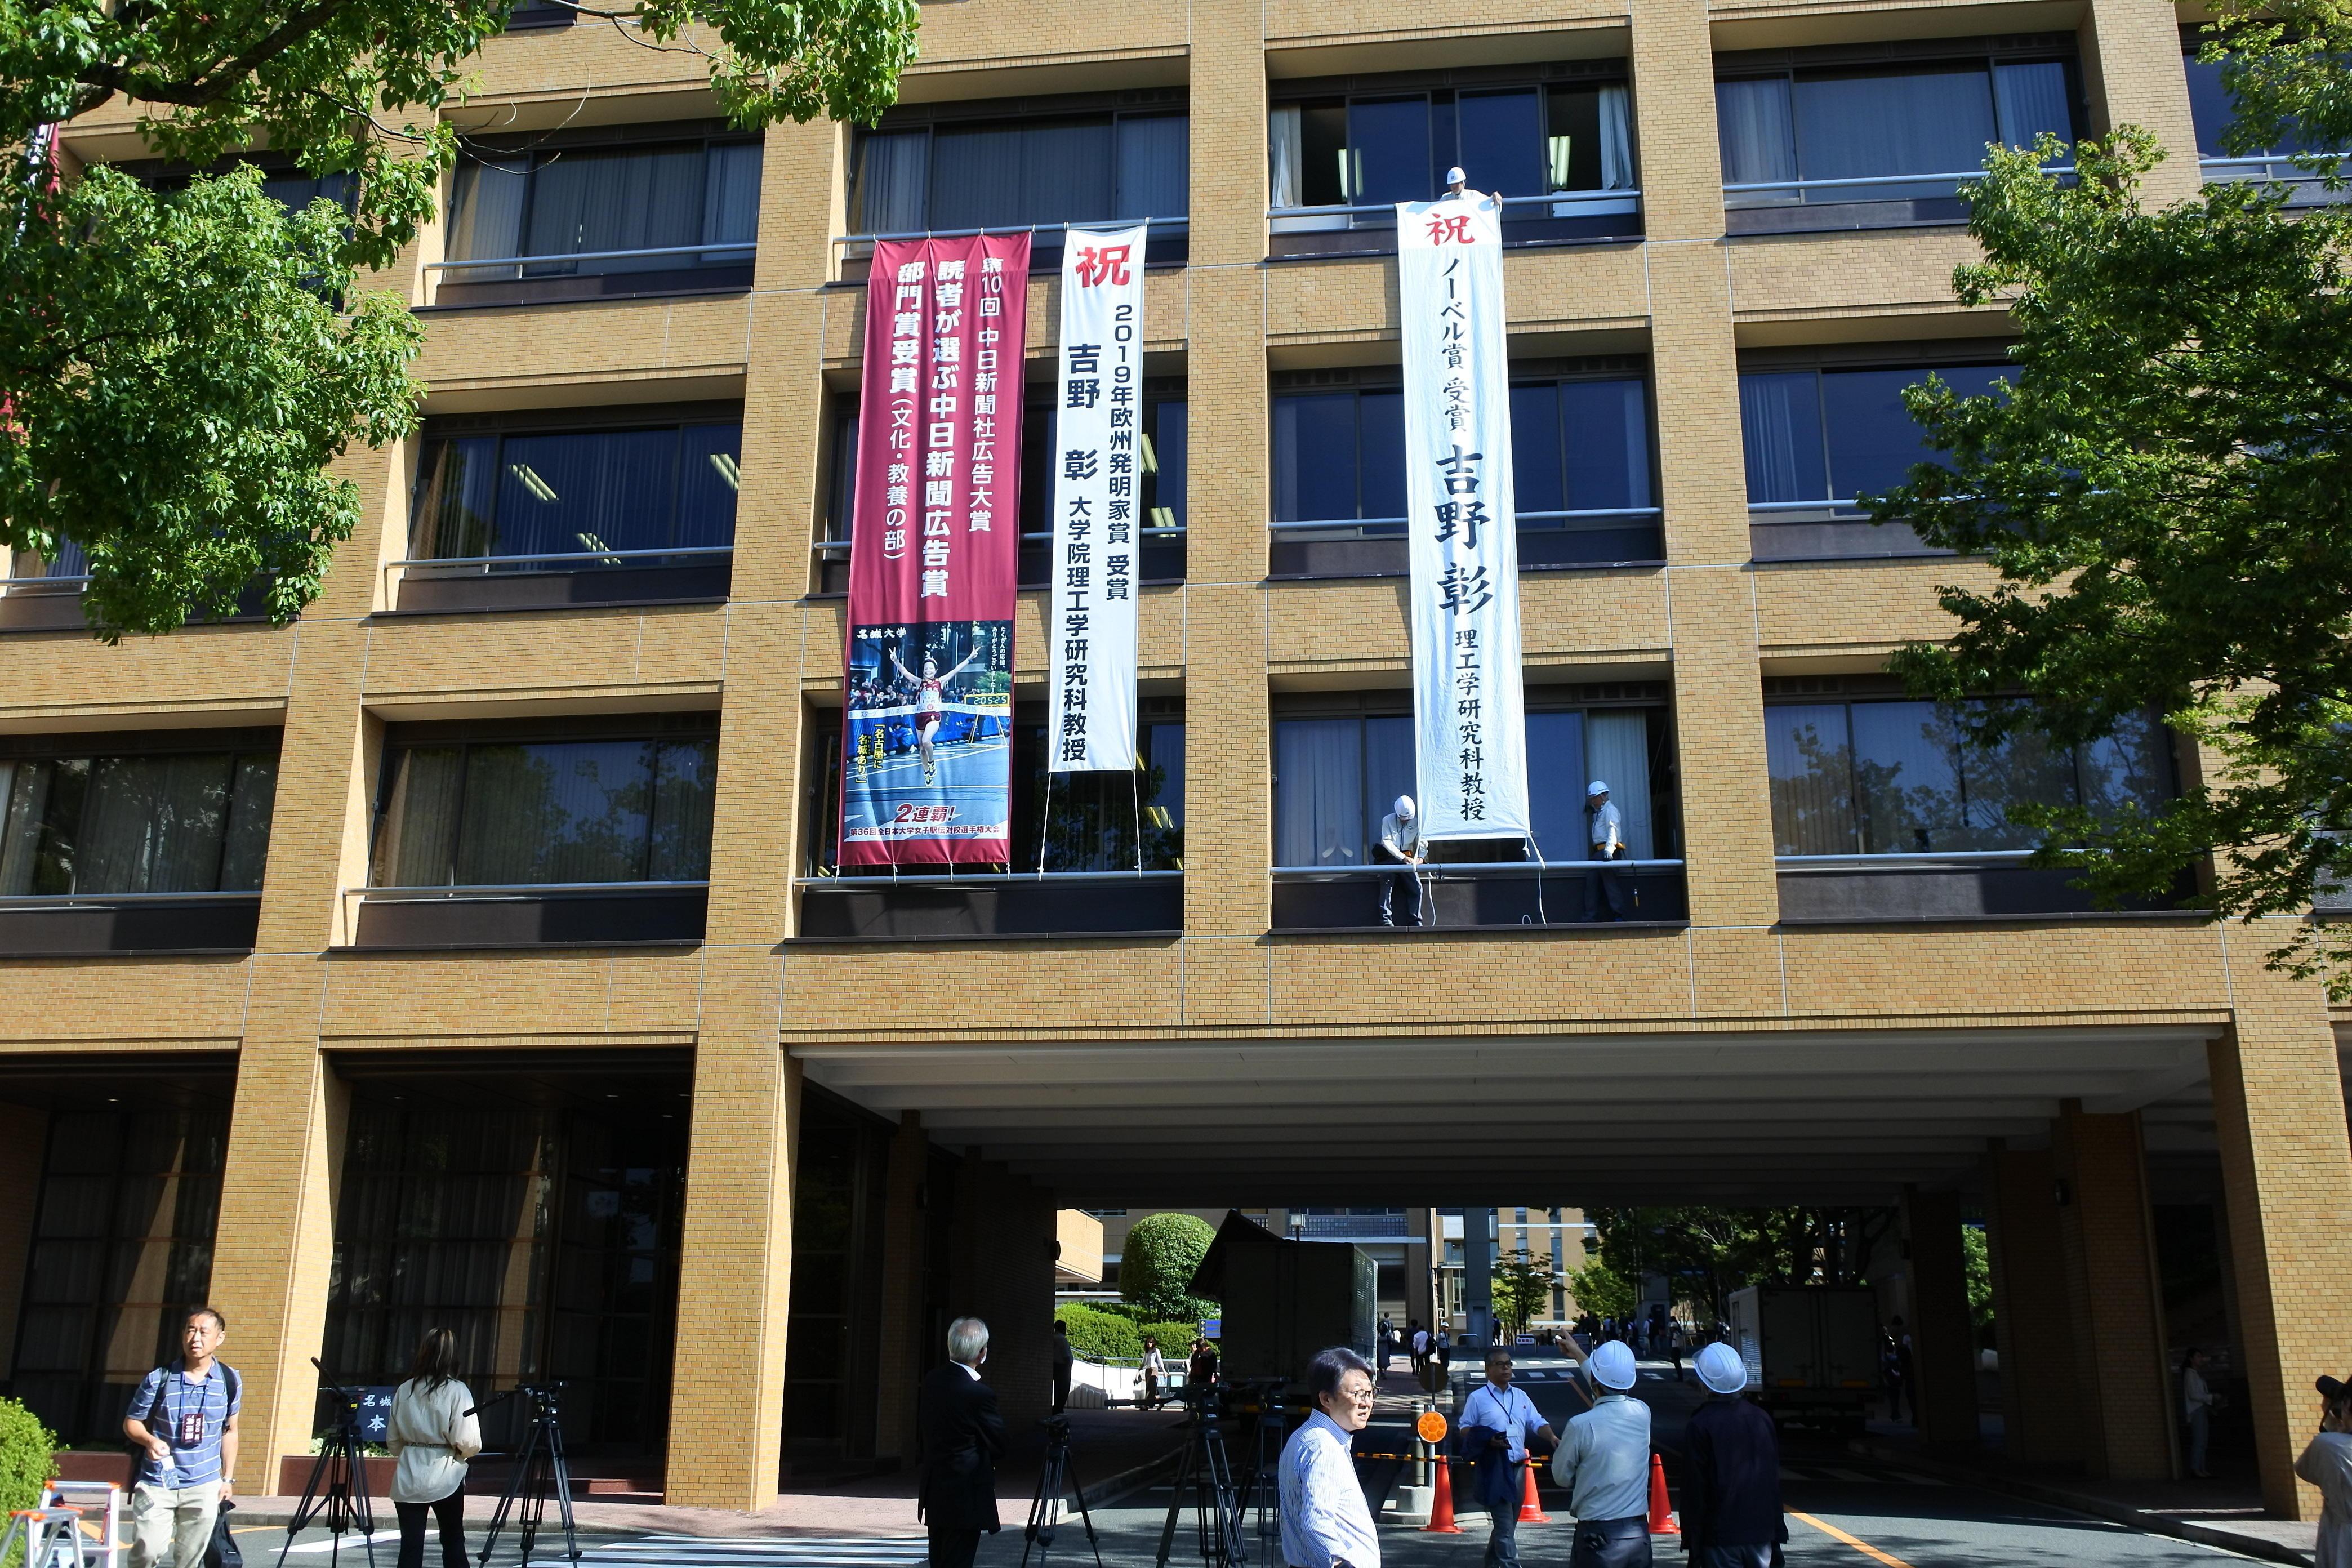 吉野彰教授ノーベル賞祝賀懸垂幕を掲出